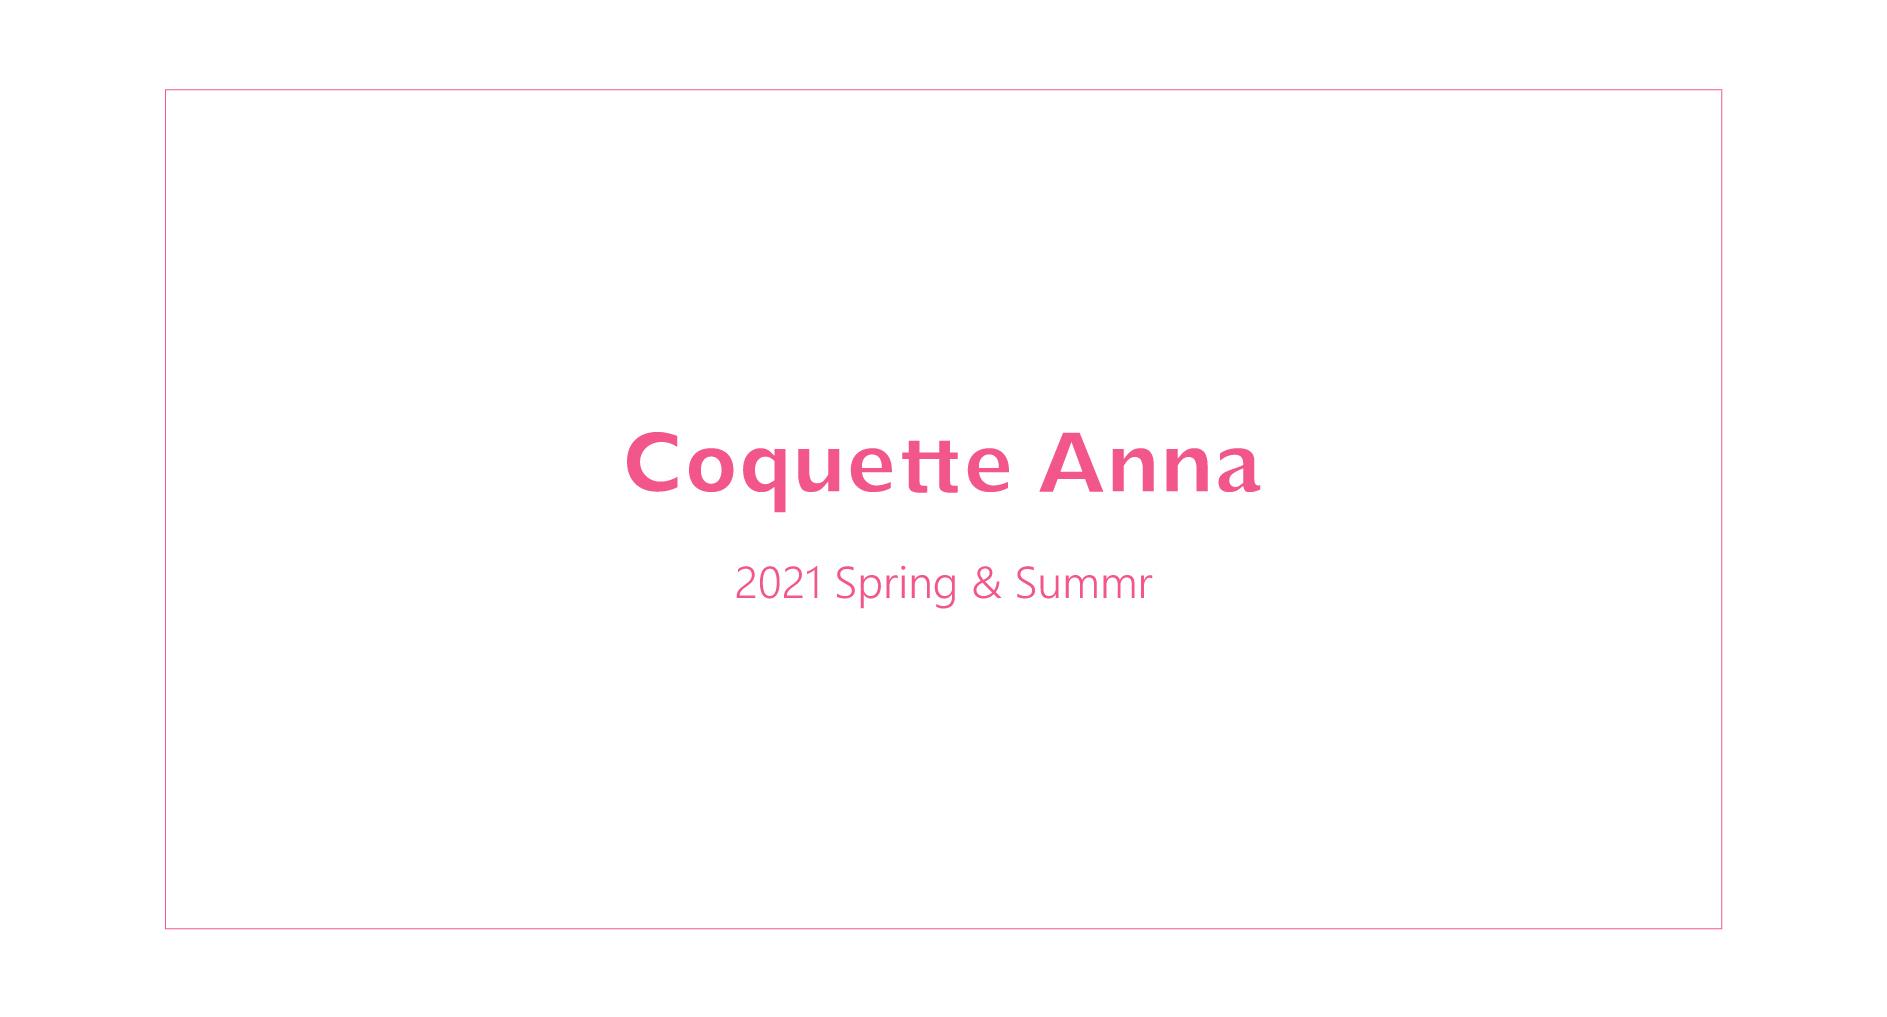 Coquette Anna